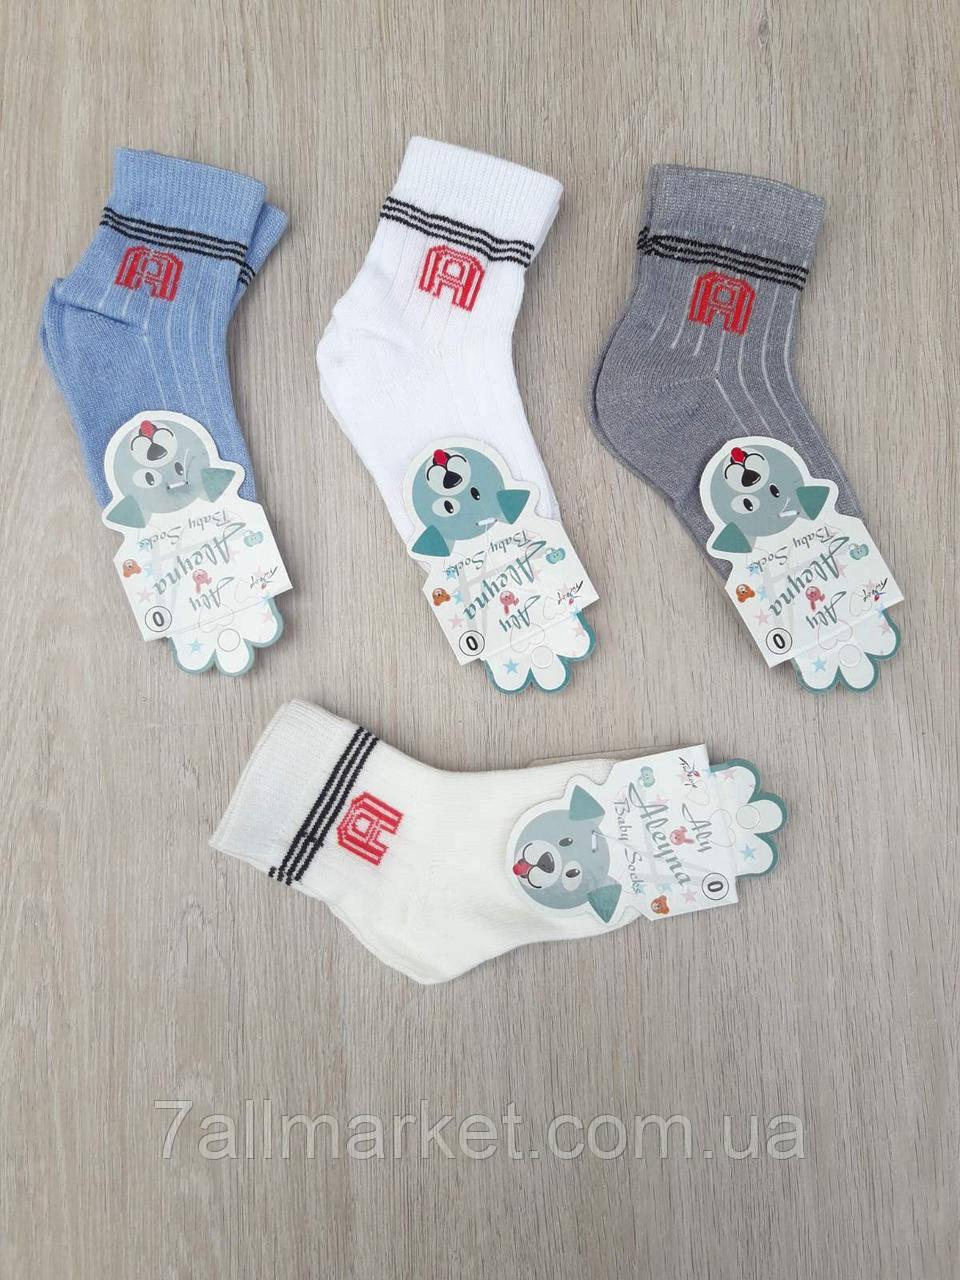 """Шкарпетки дитячі на хлопчика розмір 0 (12шт/уп) (4 цв)""""MARI"""" купити недорого від прямого постачальника"""